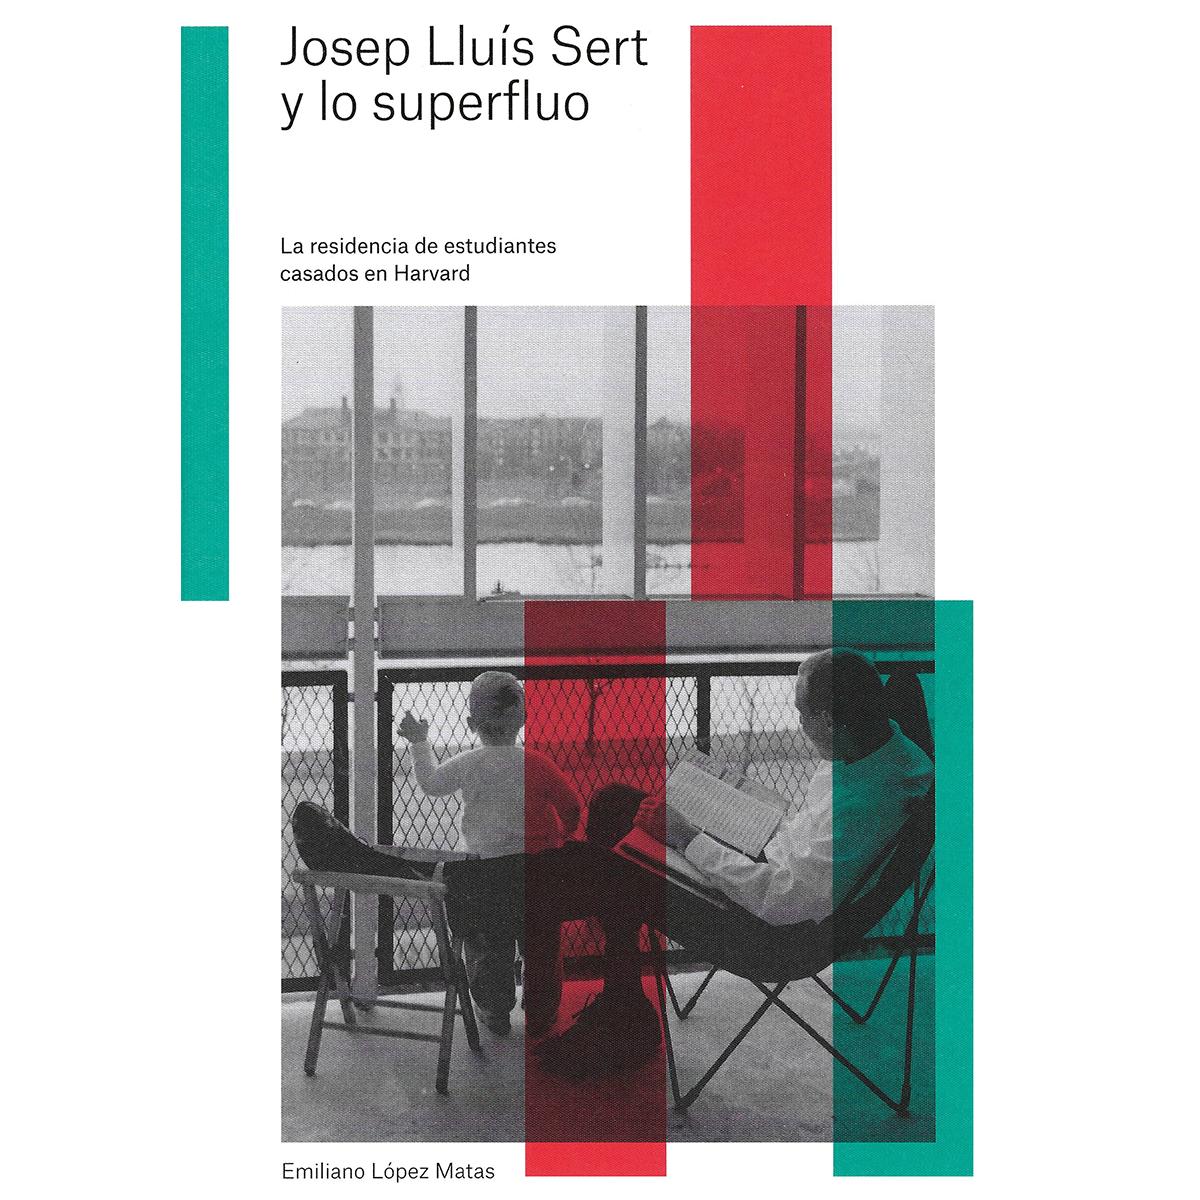 Josep Lluís Sert y lo superfluo